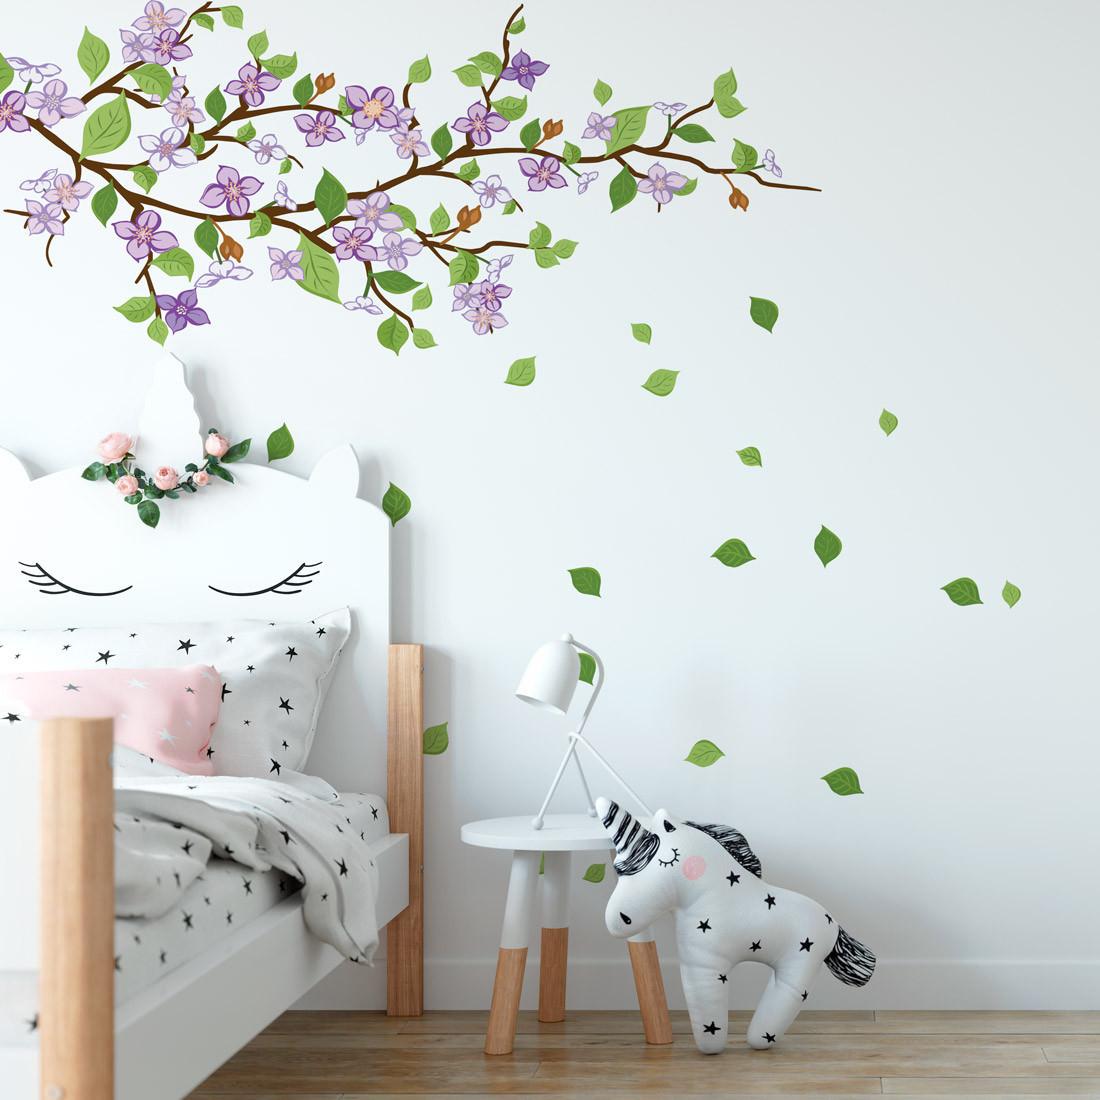 Adesivo de Parede Decorativo Galho Floral Infantil